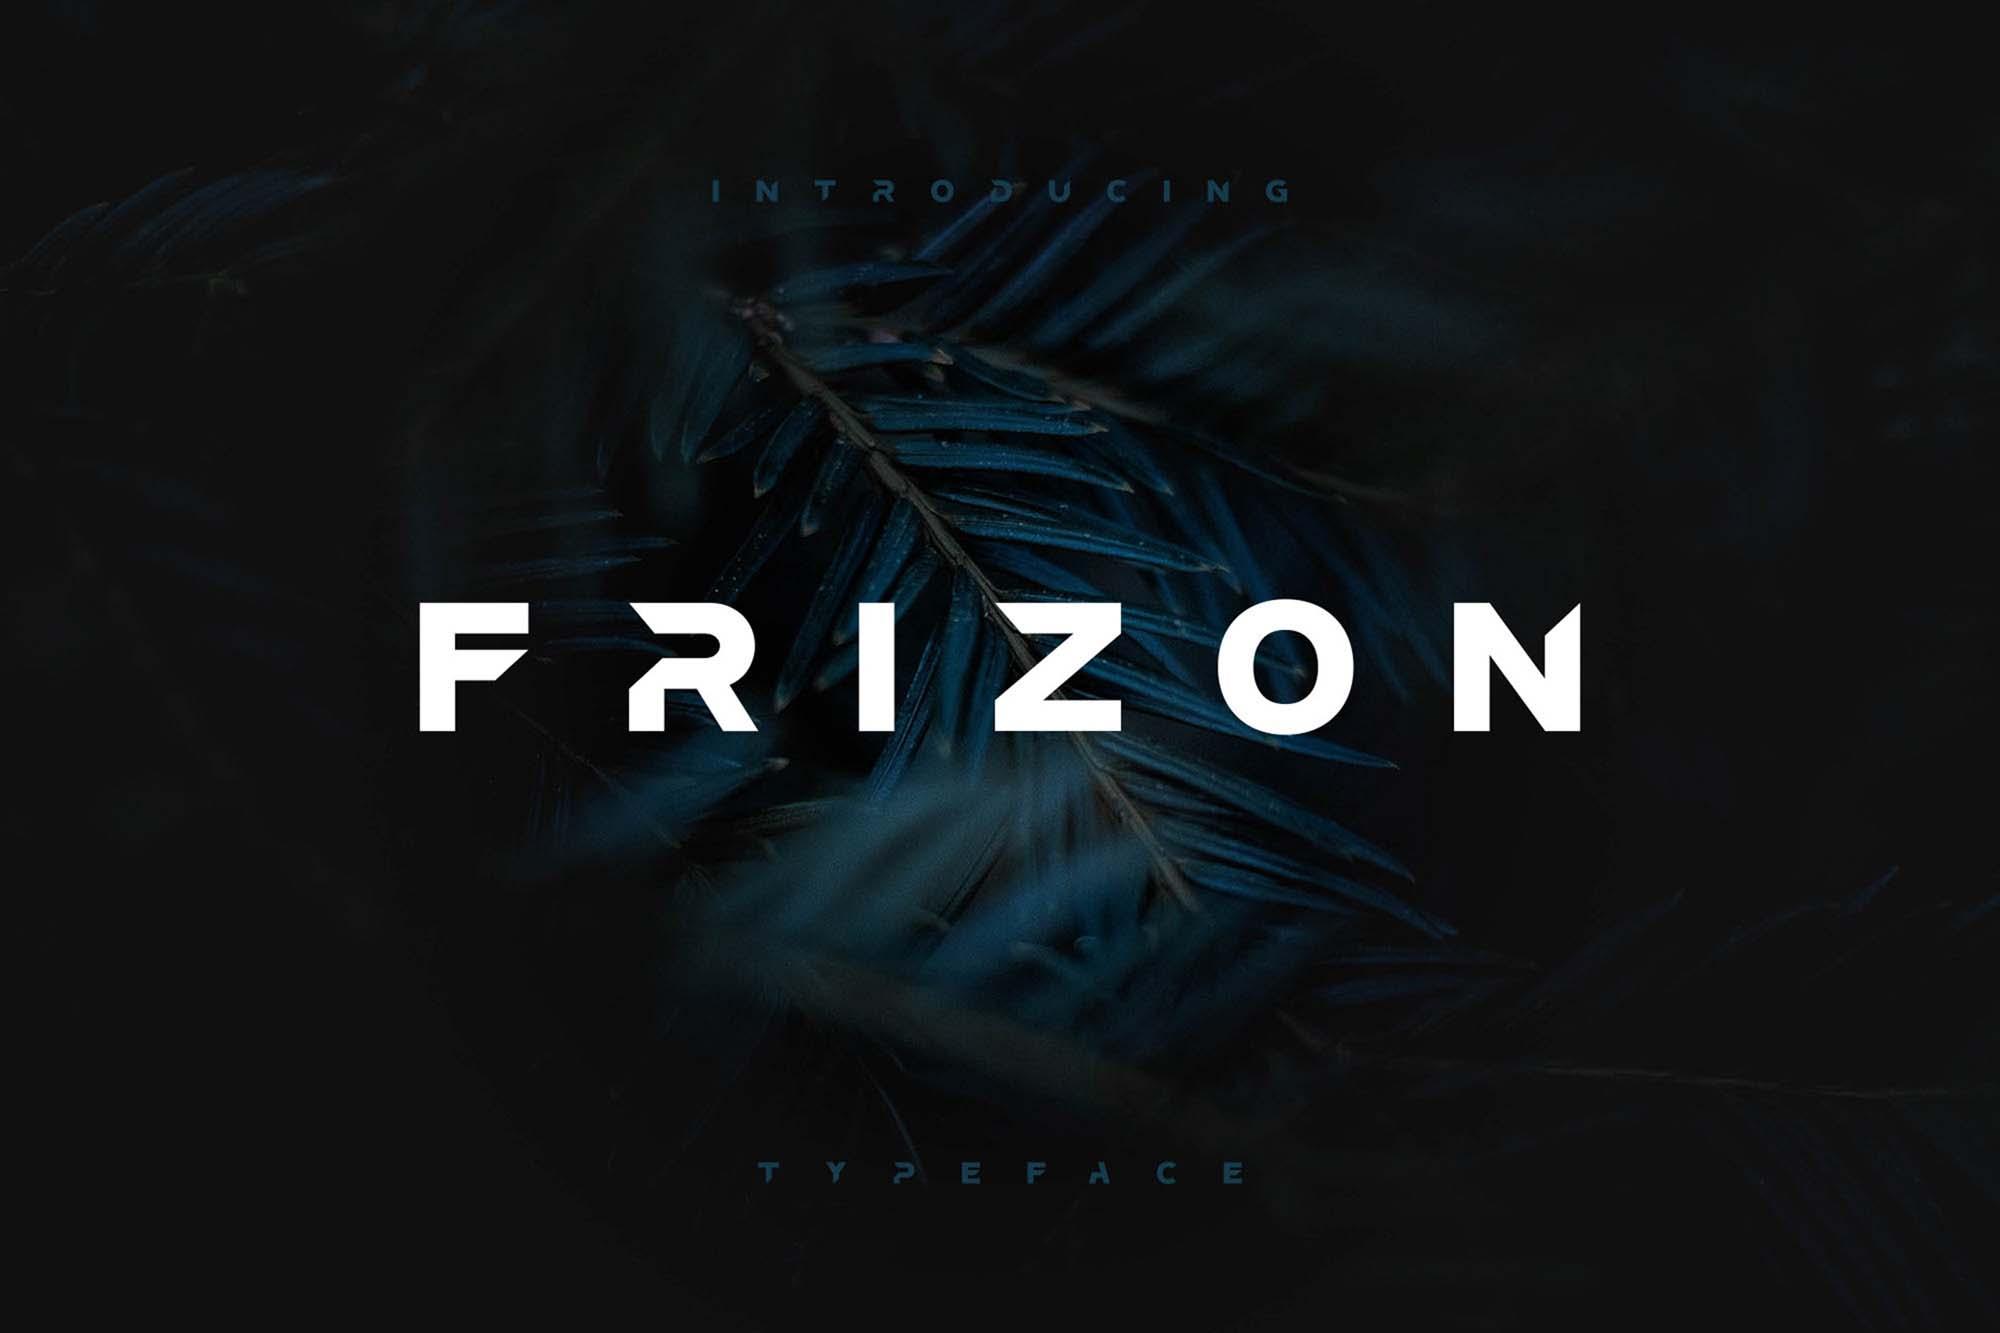 Frizon Display Typeface